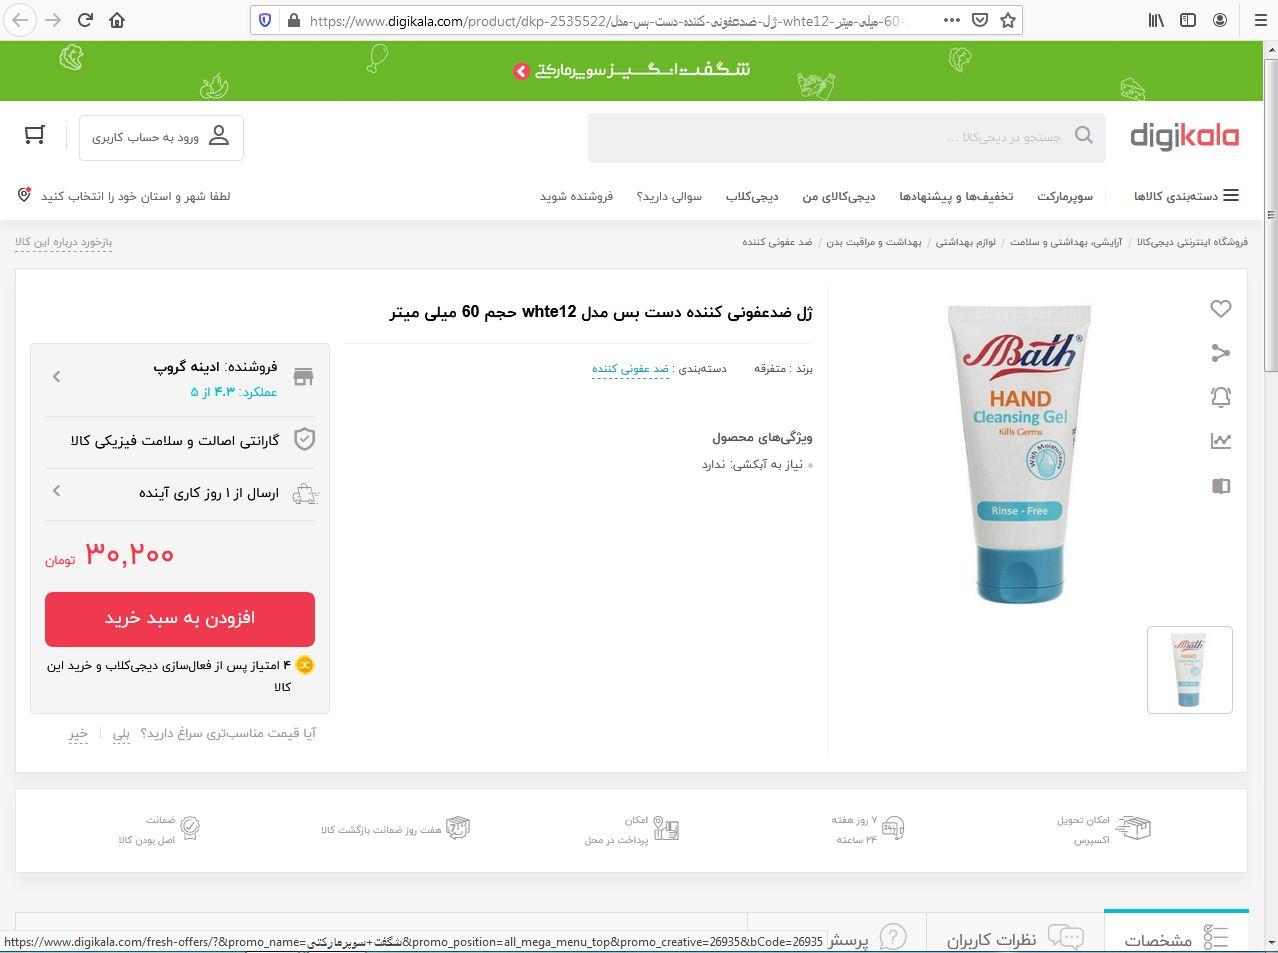 گرانفروشی محصولات بهداشتی در سایت دیجیکالا به دلیل شیوع کرونا + عکس